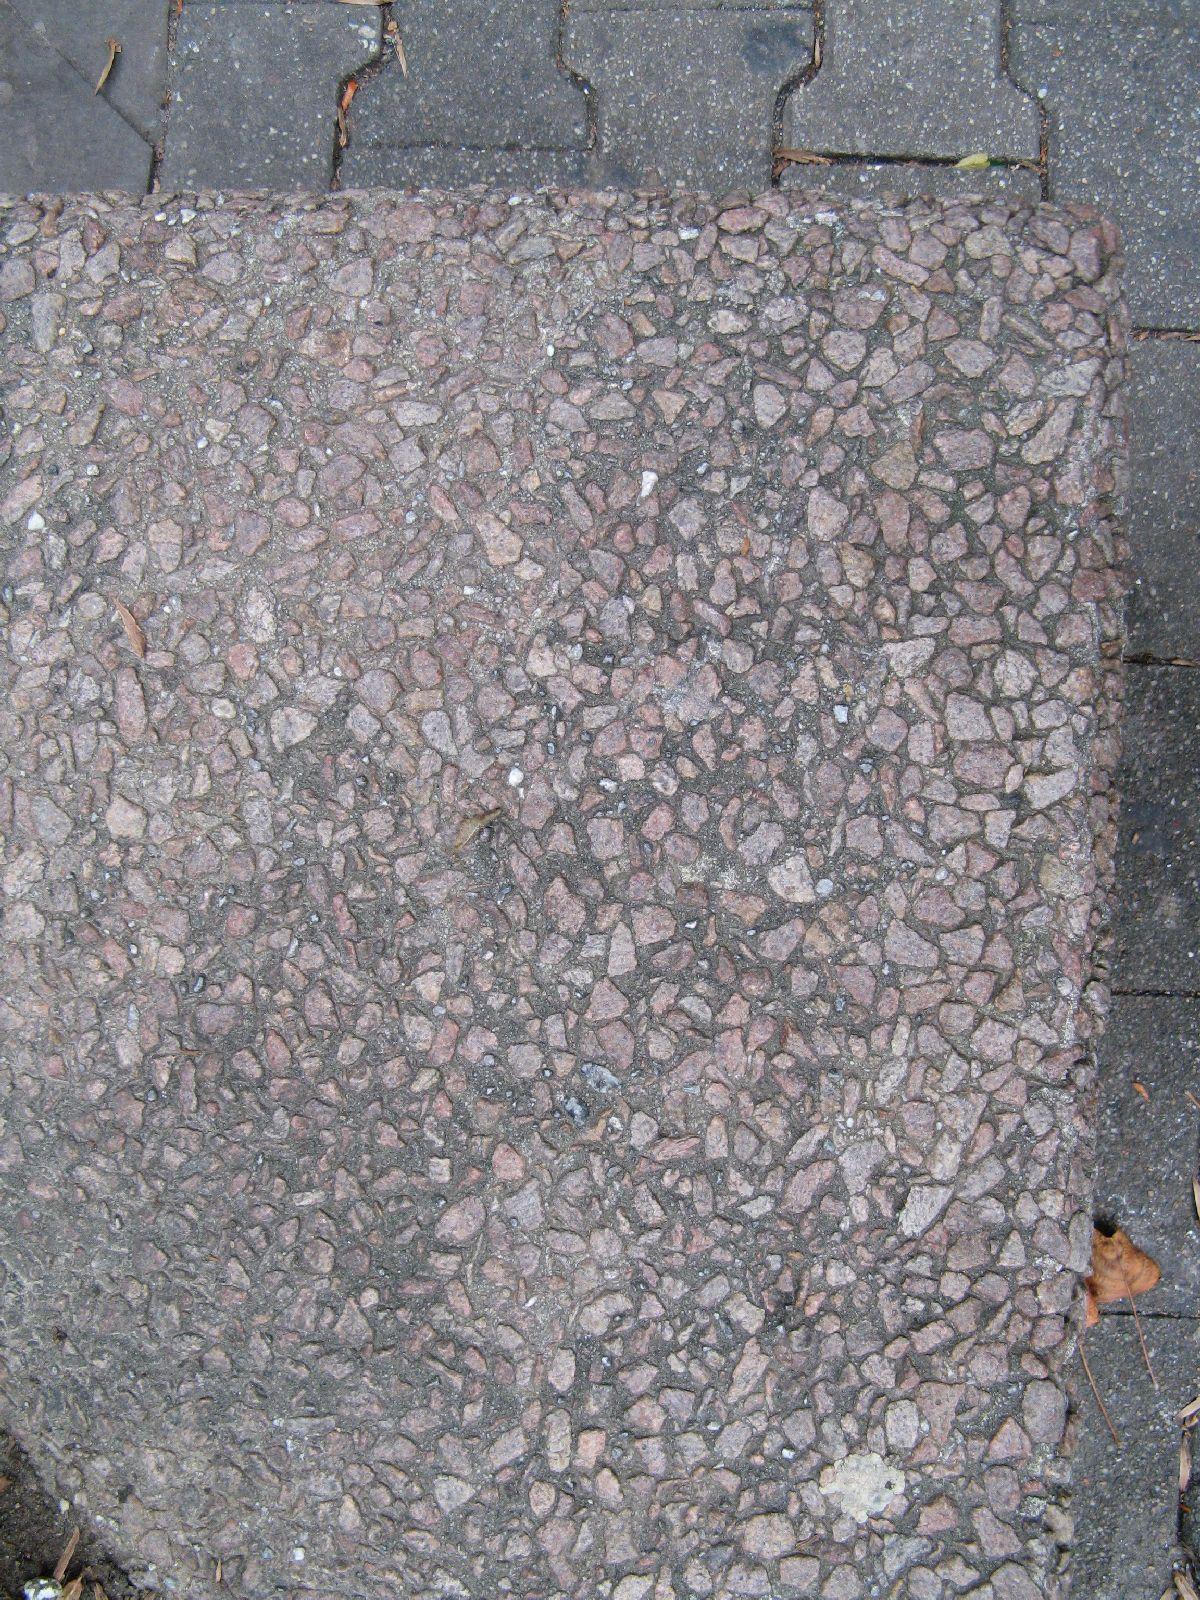 Ground-Urban_Texture_B_0945